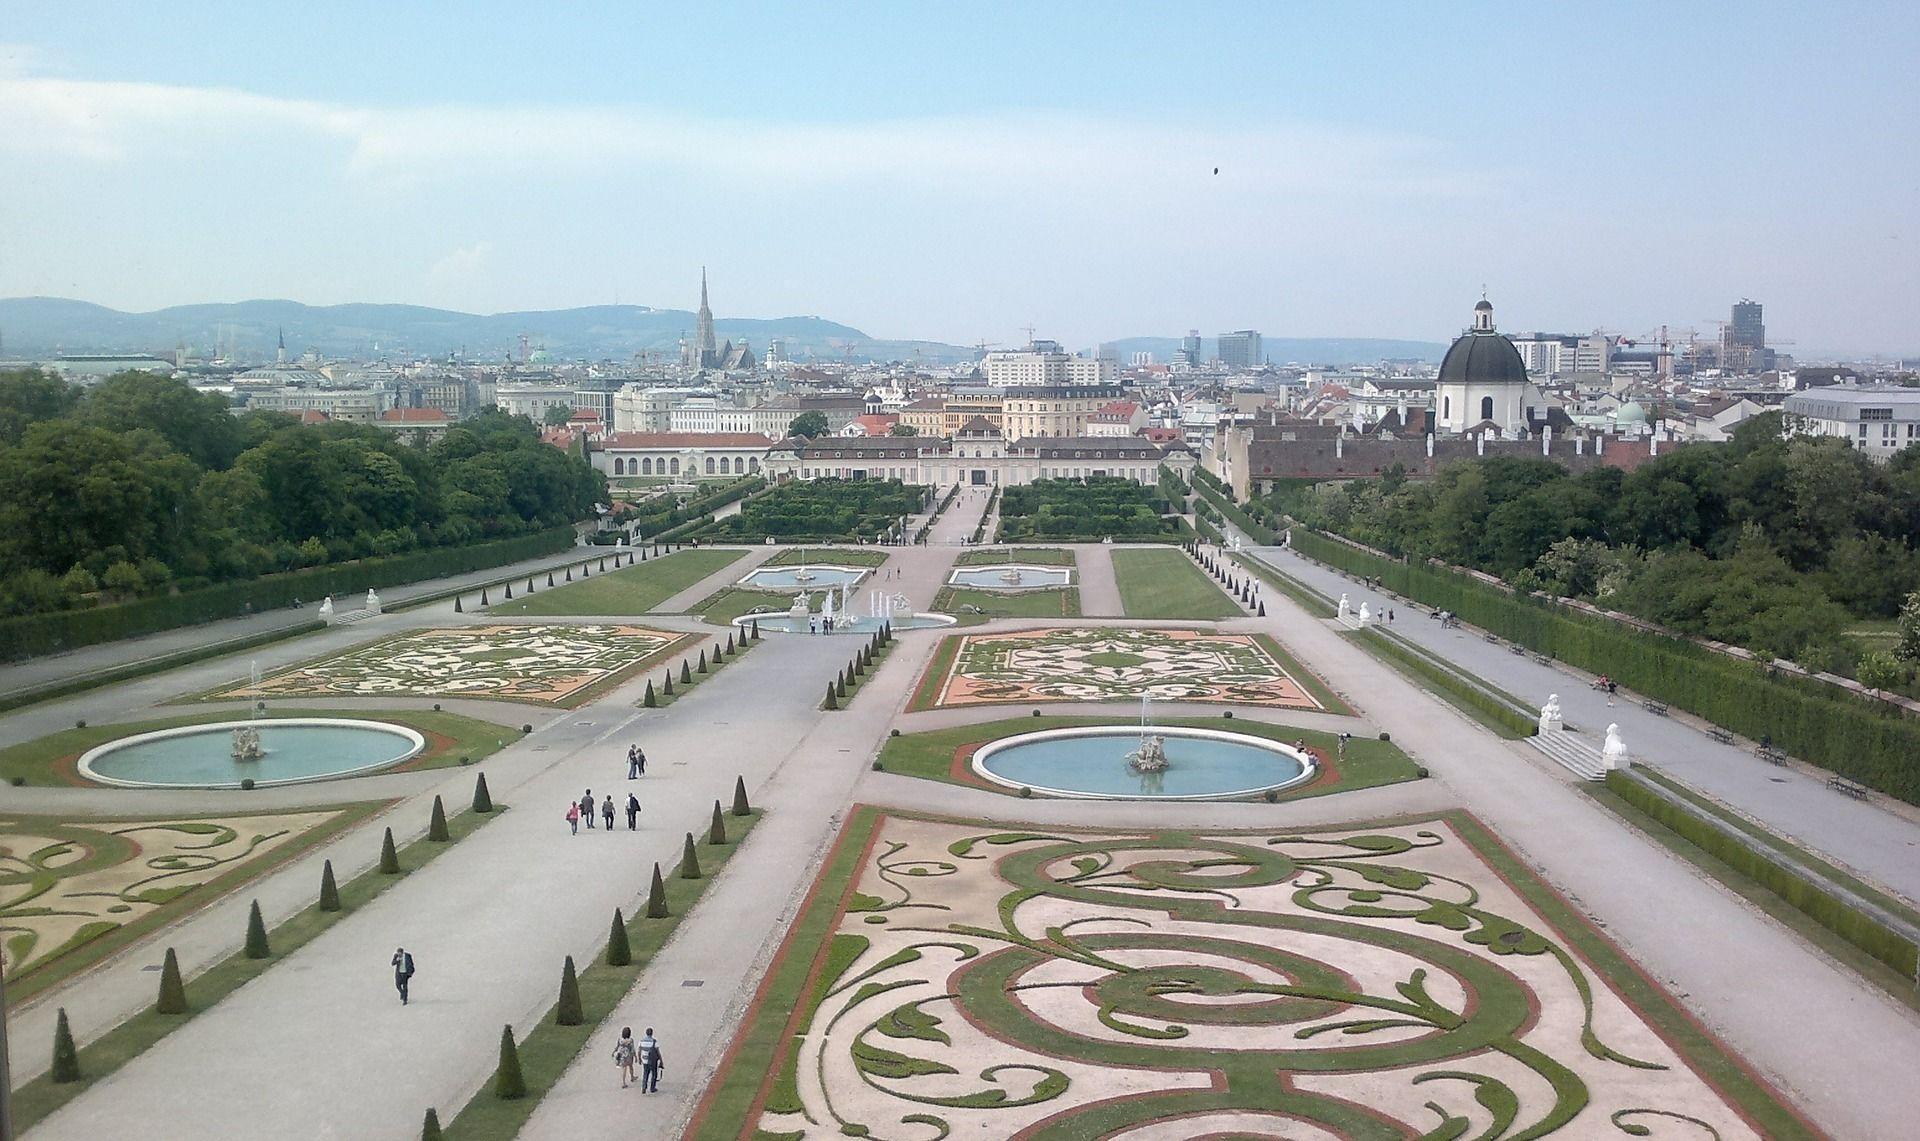 Day Trip to Vienna from Prague